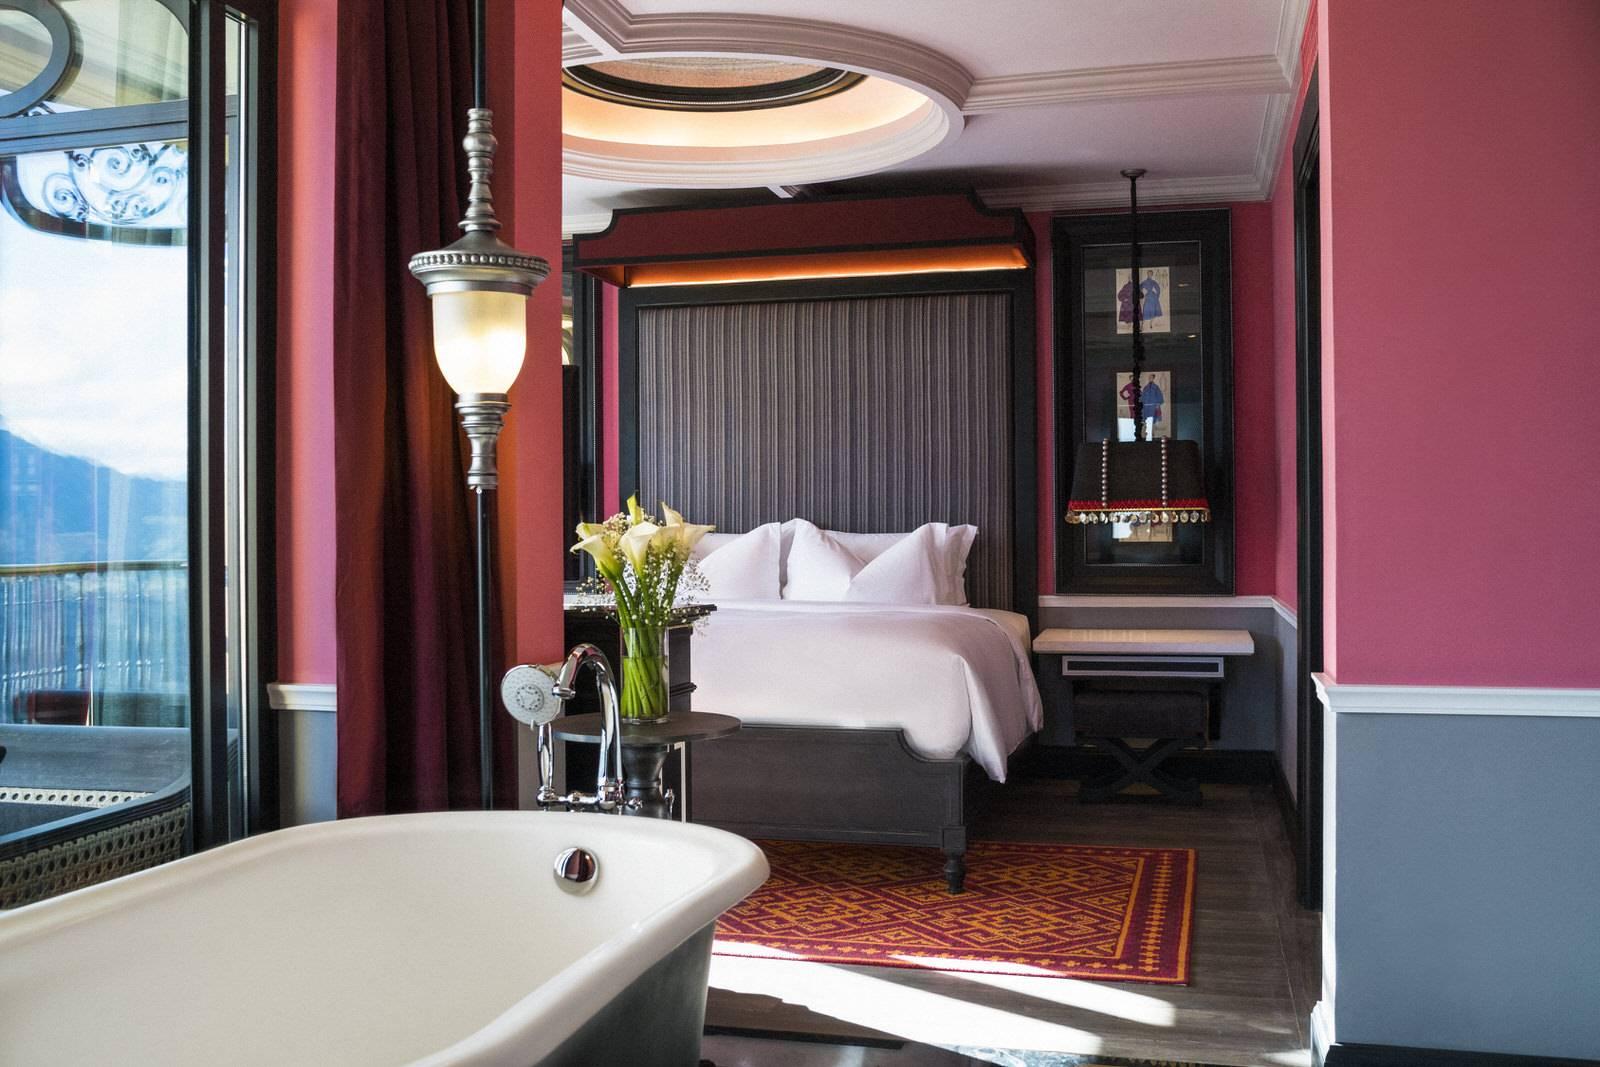 Thiết kế các phòng nghỉ tại đây là đại diện cho những gì tinh tế và sang trọng nhất